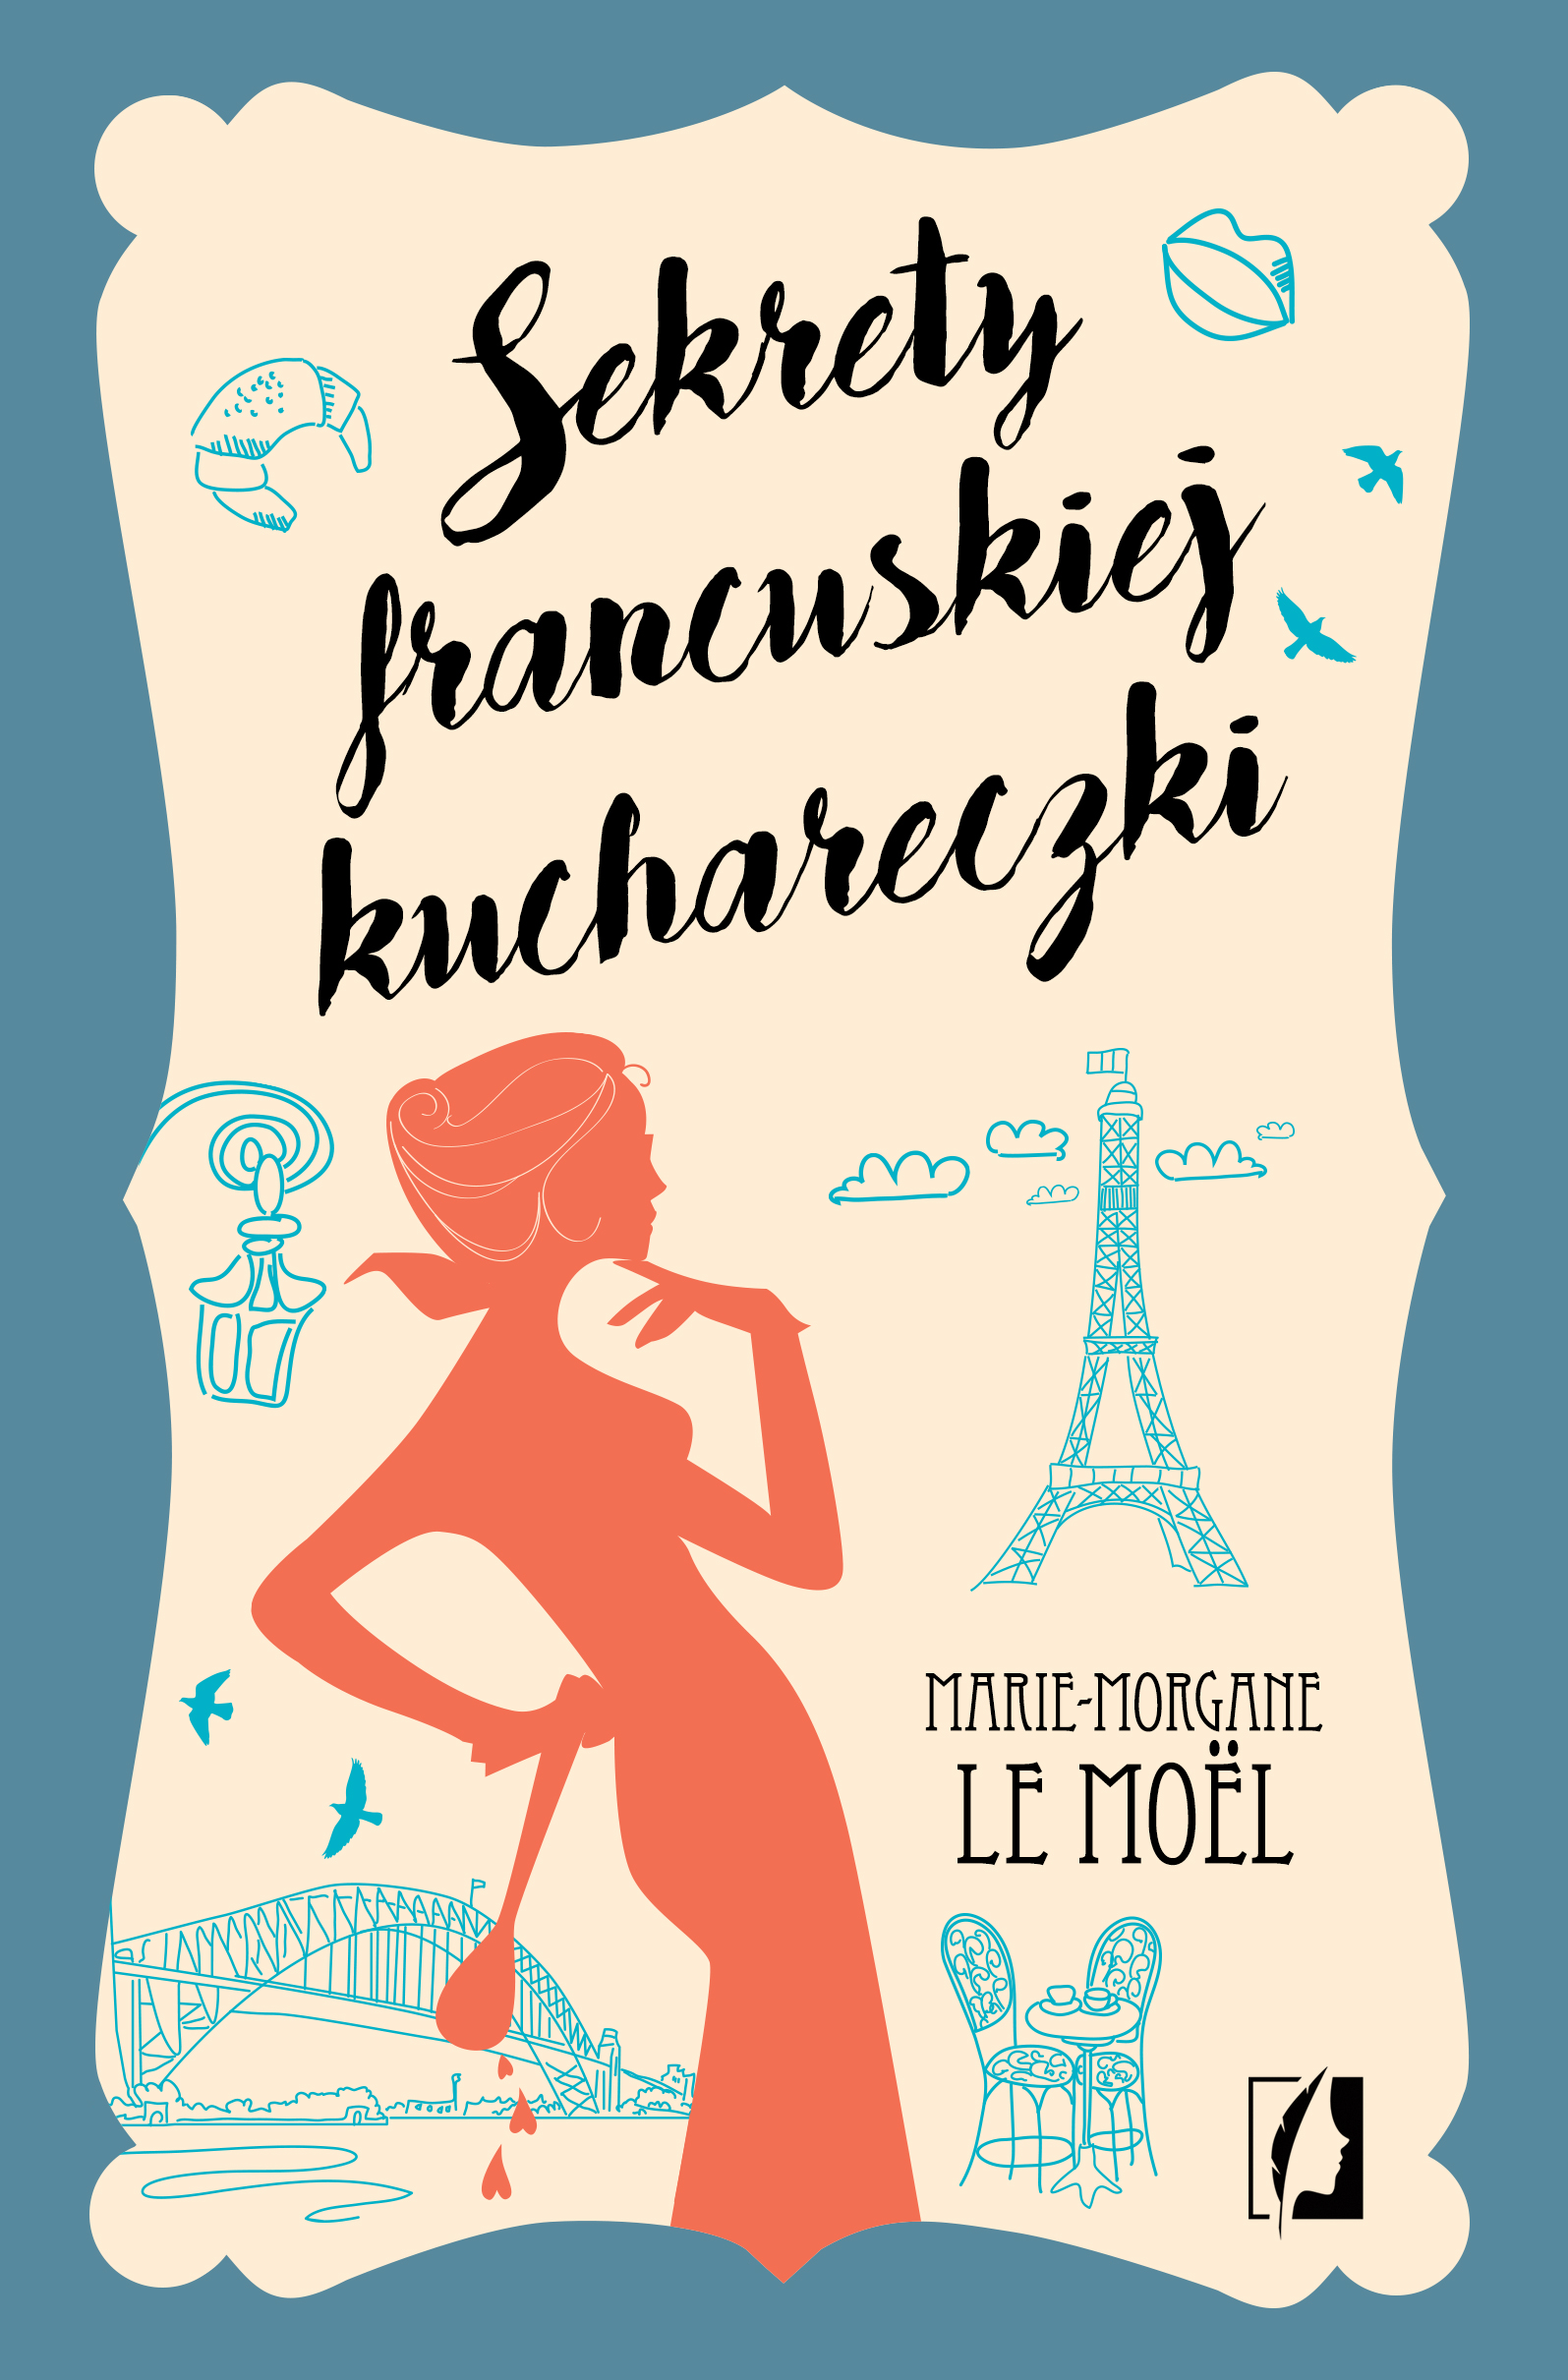 Sekrety Francuskiej Kuchareczki